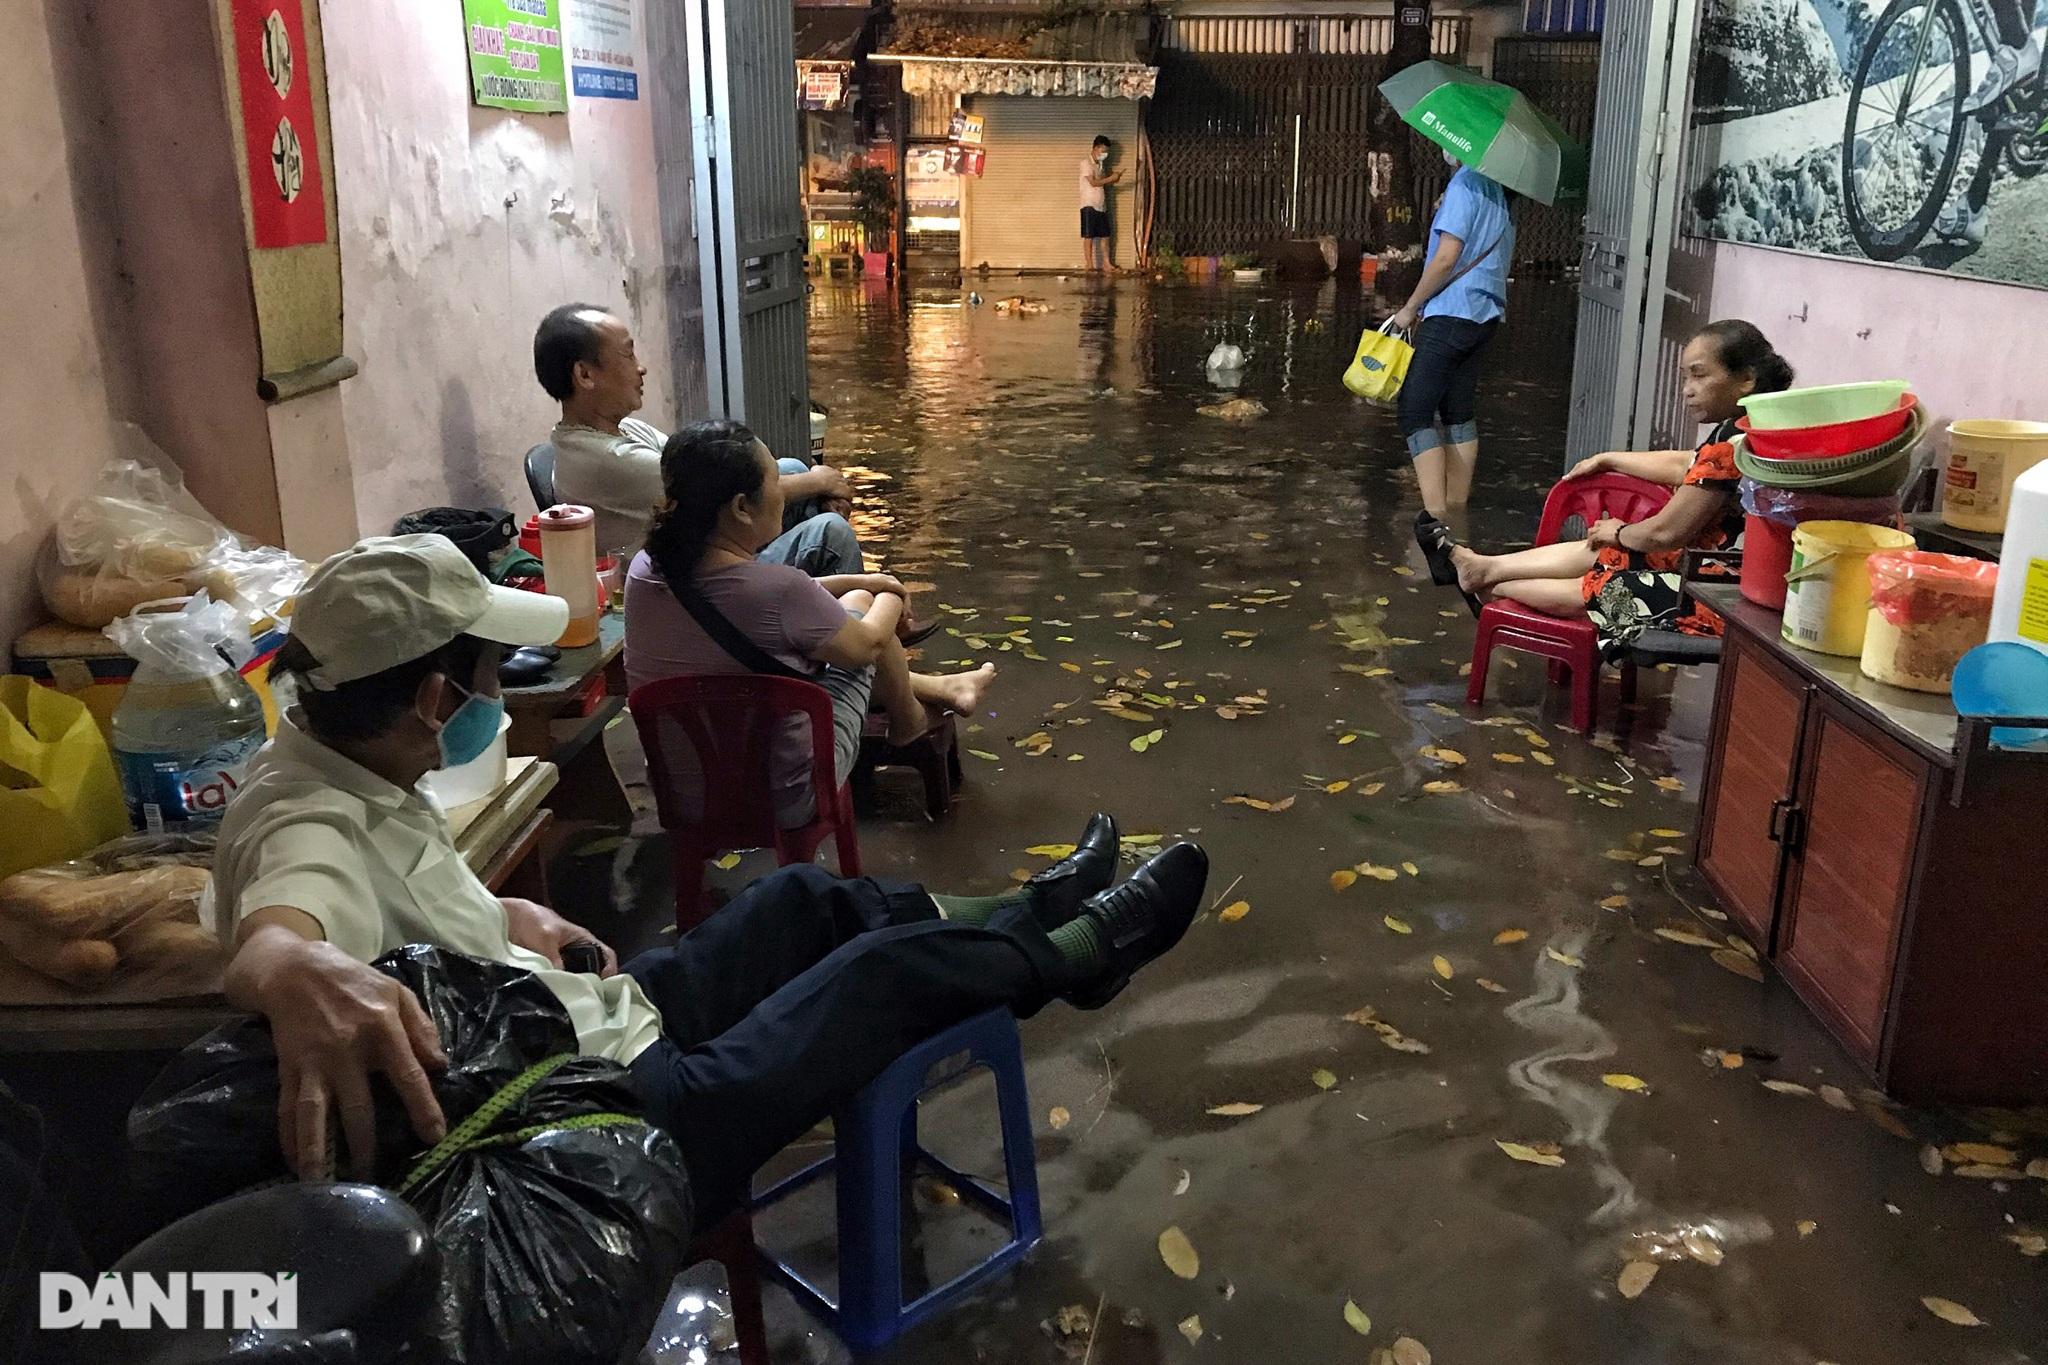 Hà Nội ngập sâu trong nước sau cơn mưa ngắn chưa đầy 1 tiếng đồng hồ - 12